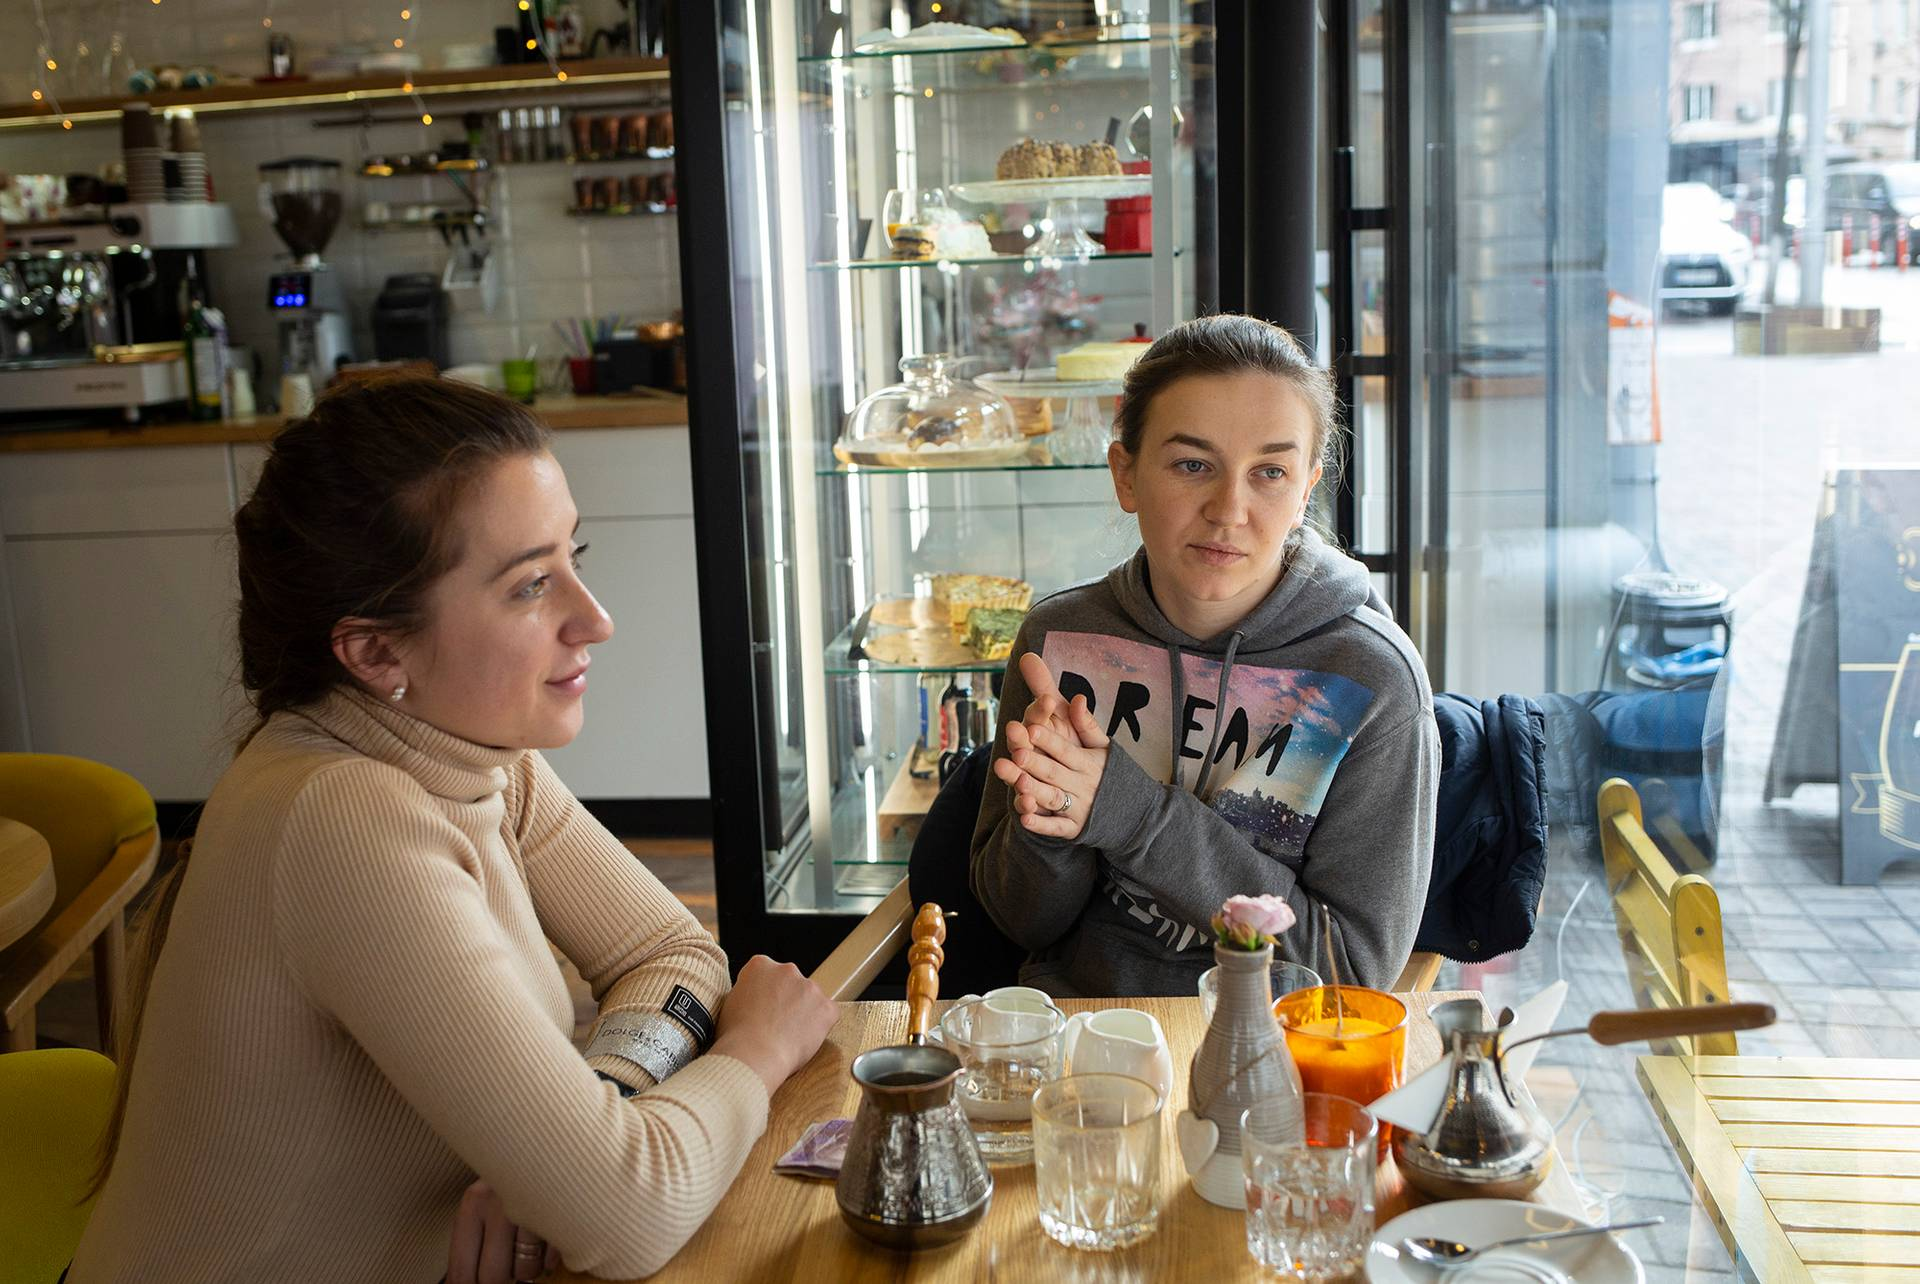 Галина Клемпоуз (ліворуч) та Андріана Сусак, Київ, 5 березня 2019 року